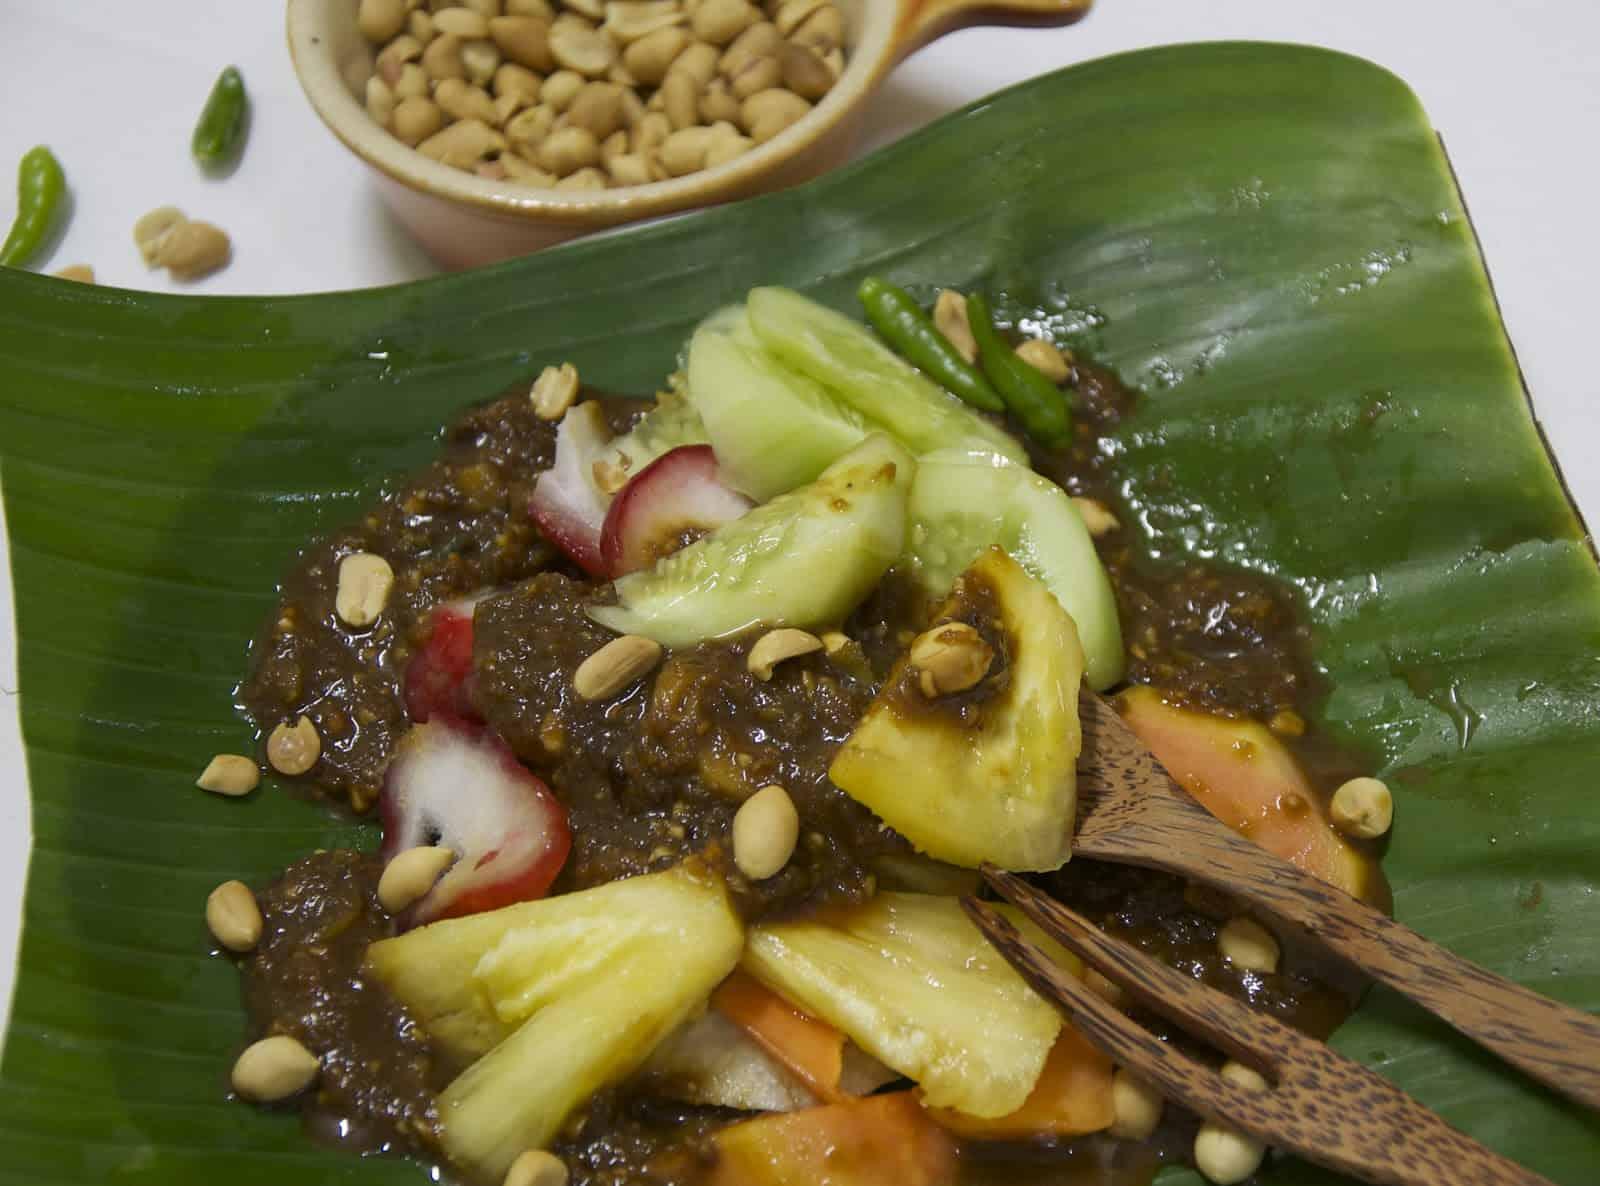 gambar makanan khas indonesia rujak